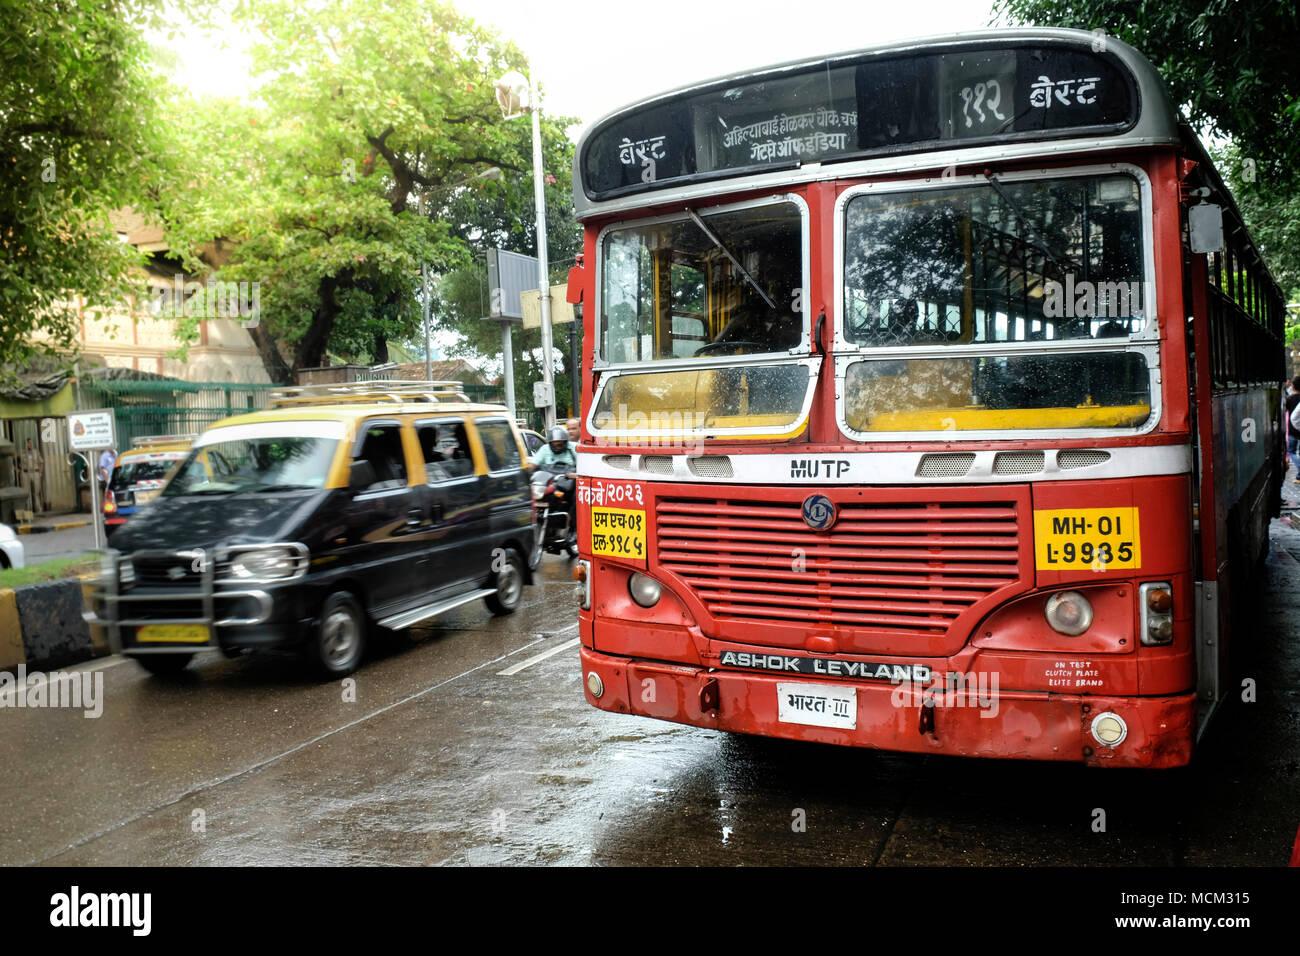 Un Brihanmumbai el suministro de electricidad y el transporte (mejor) Ashok Leyland Bus local estacionado en Nariman Point, Colaba, Mumbai Foto de stock